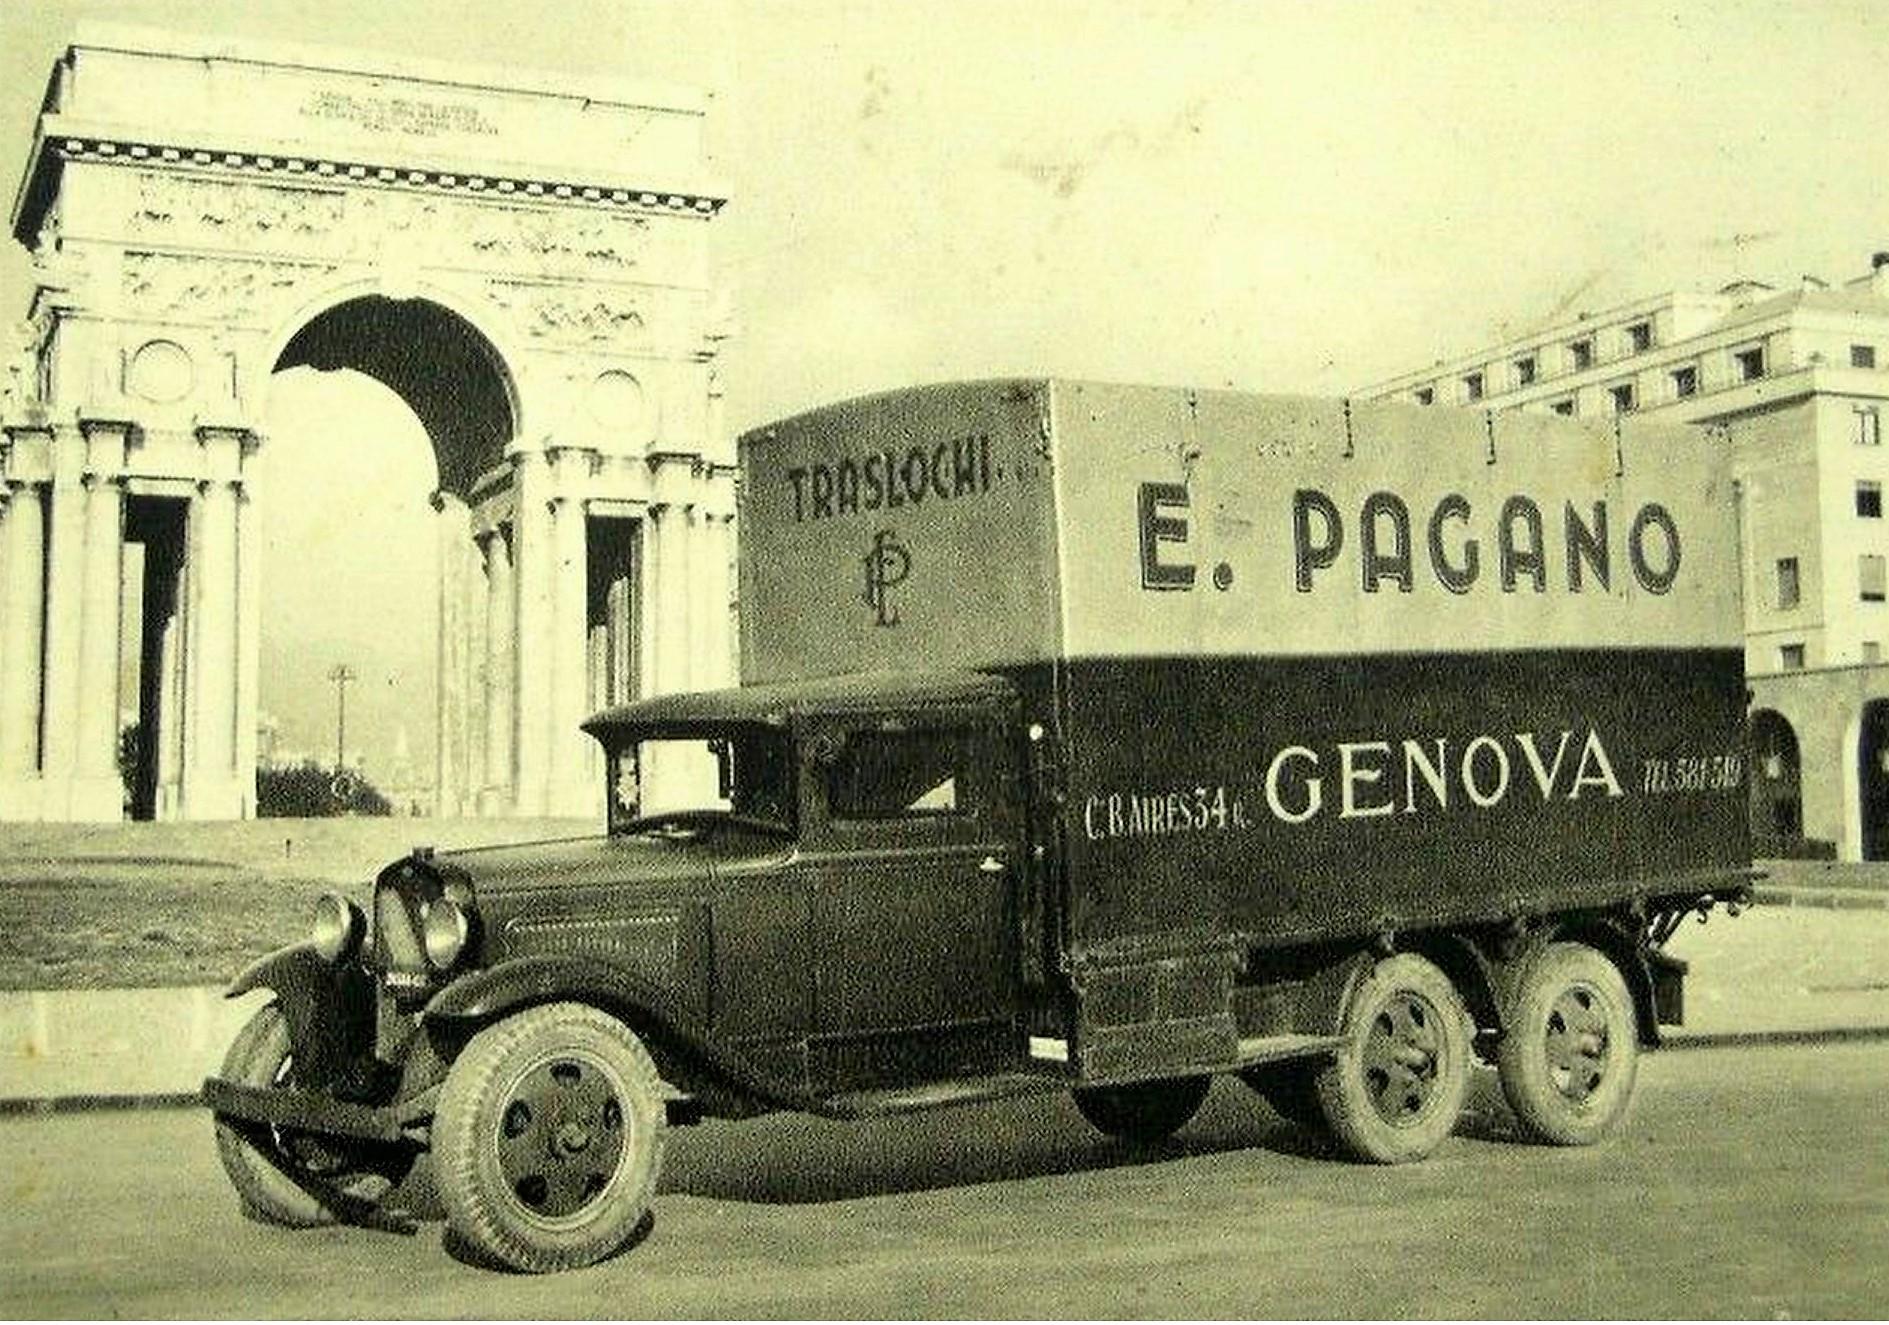 1930-Traslochi-Verhuizingen[1]